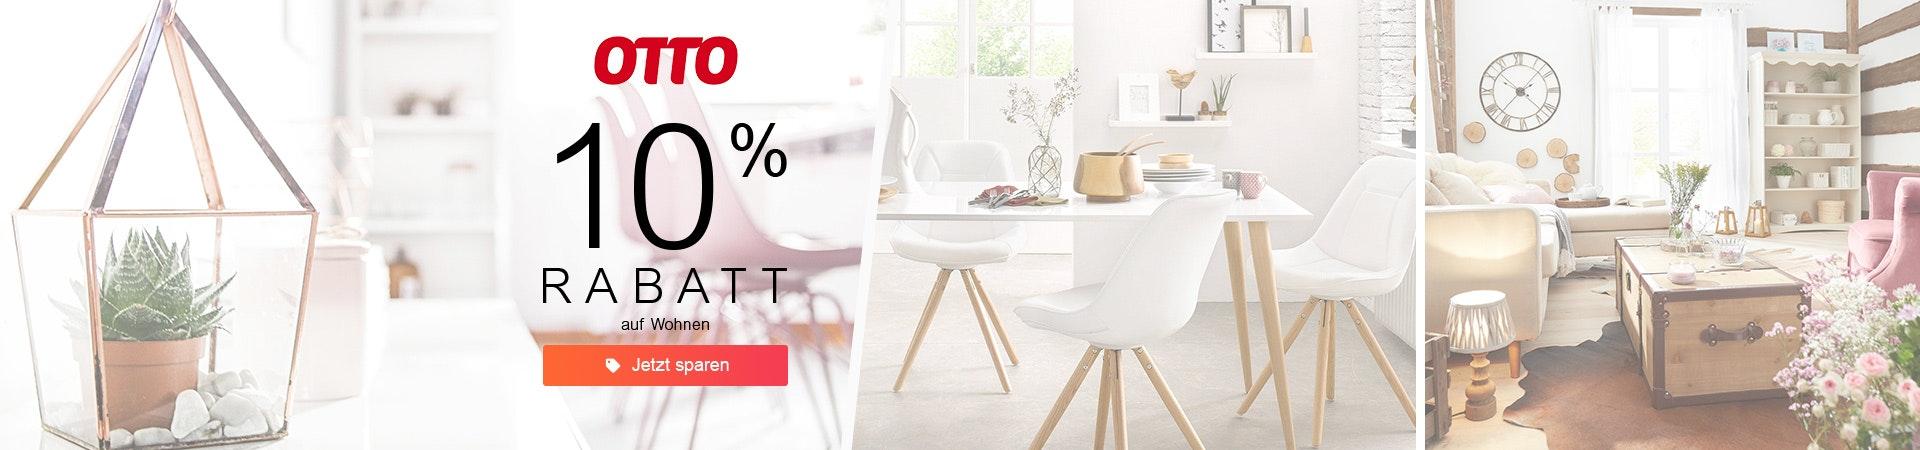 otto 10% wohnen